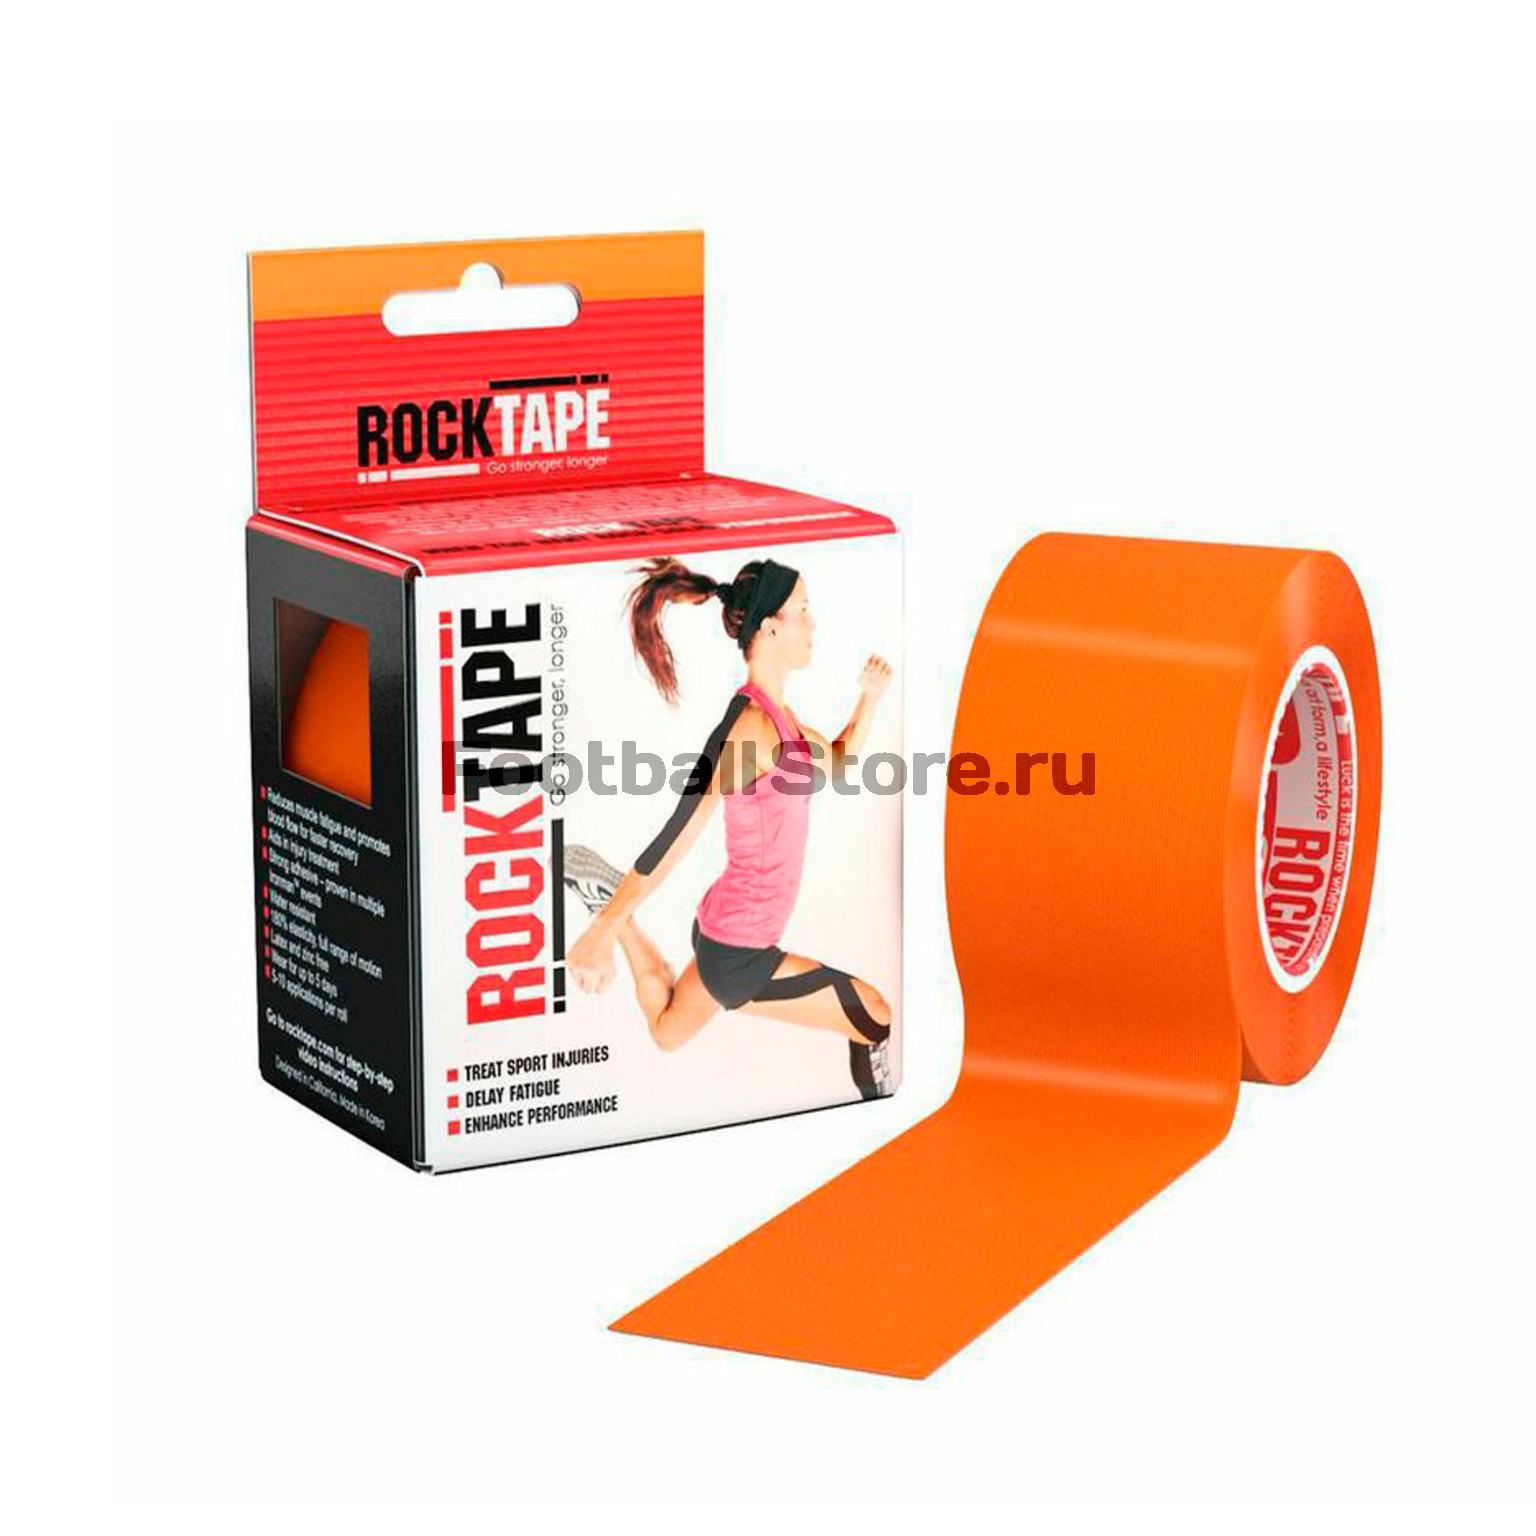 Медицина Rocktape ТЕЙП Rocktape, classic, оранжевый 5см х 5м кинезия тейп в аптеке